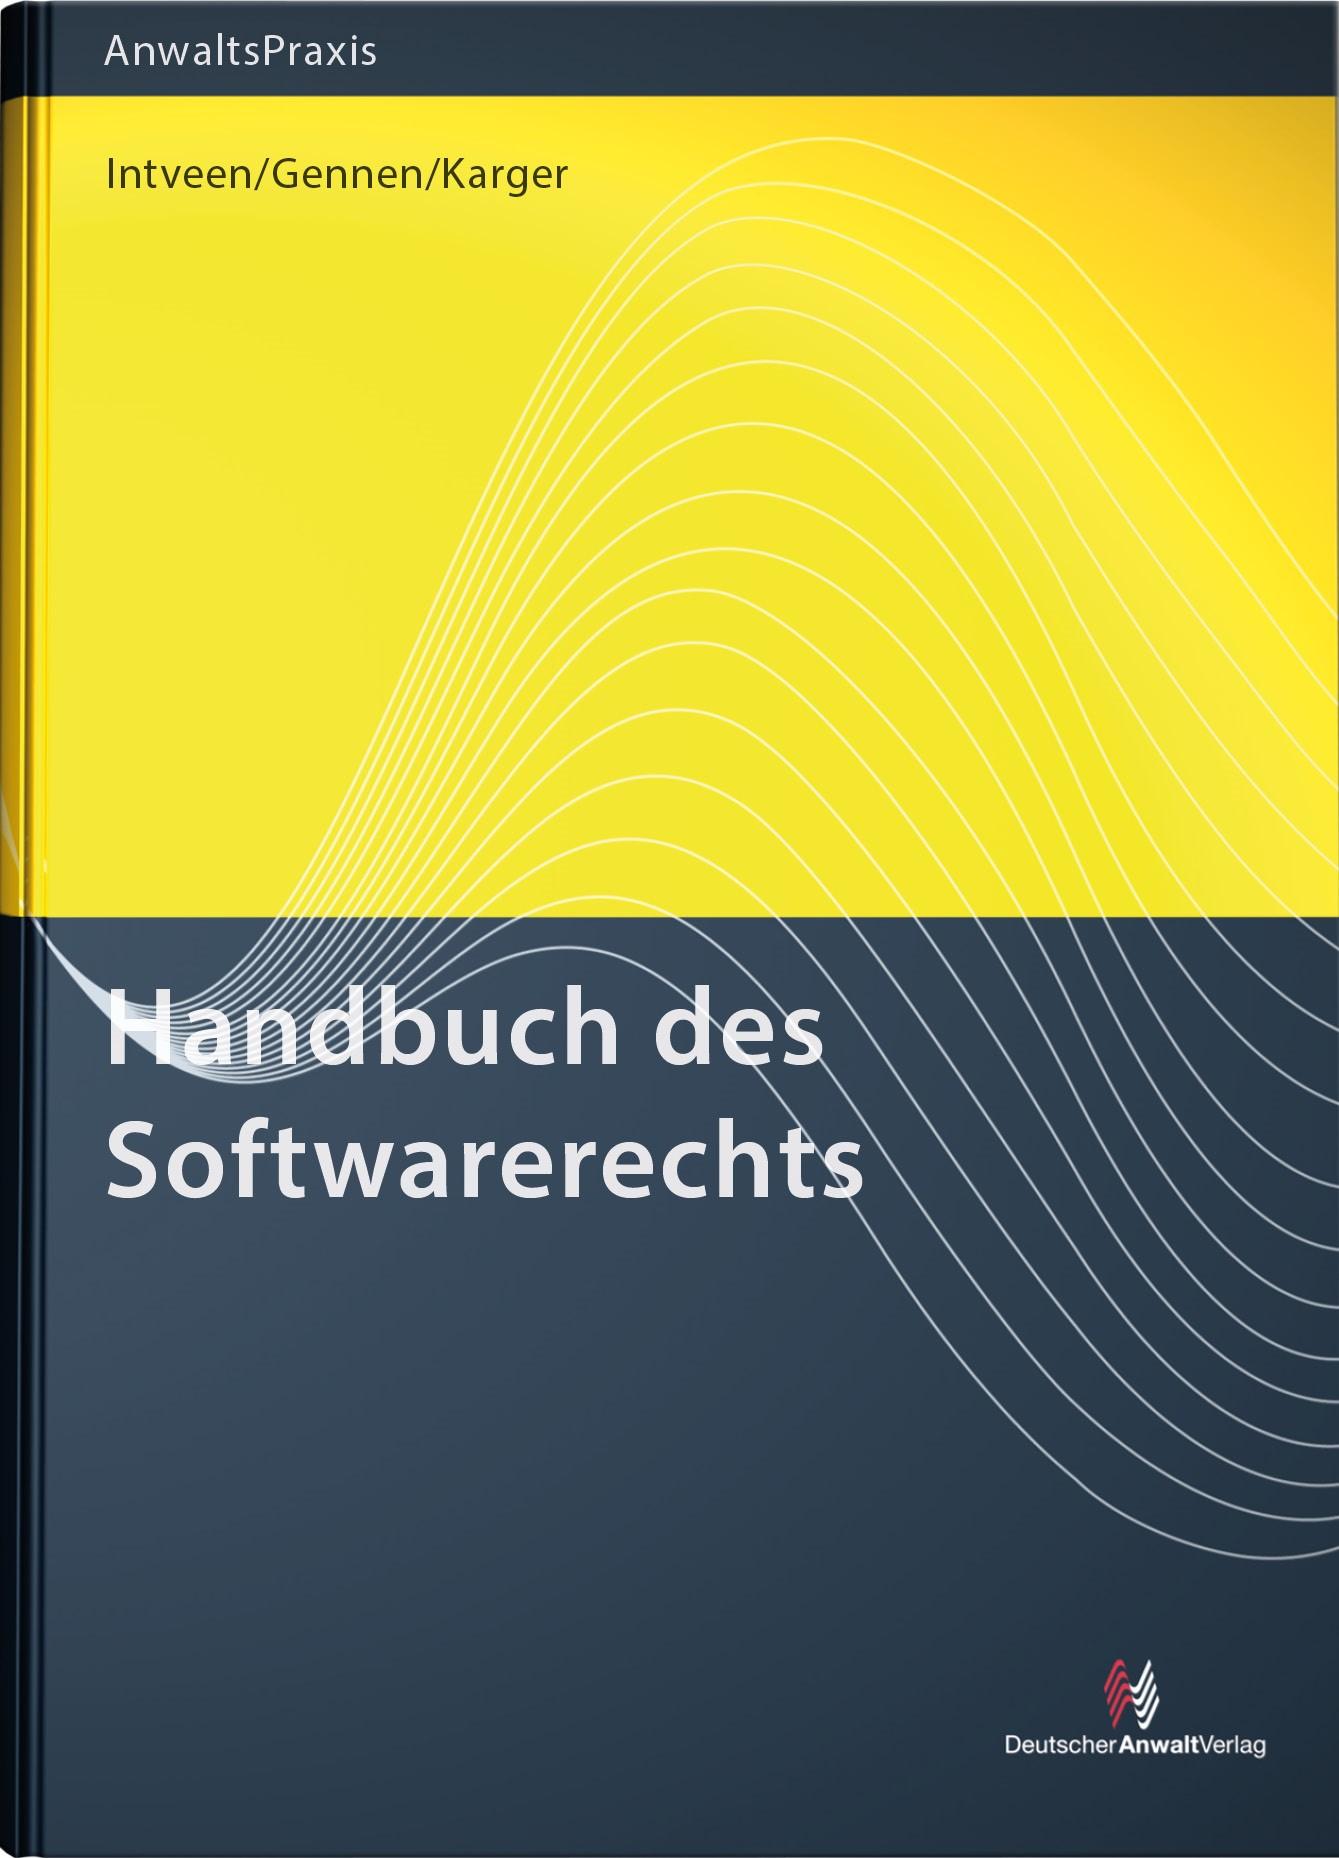 Handbuch des Softwarerechts | Intveen / Gennen / Karger, 2018 | Buch (Cover)